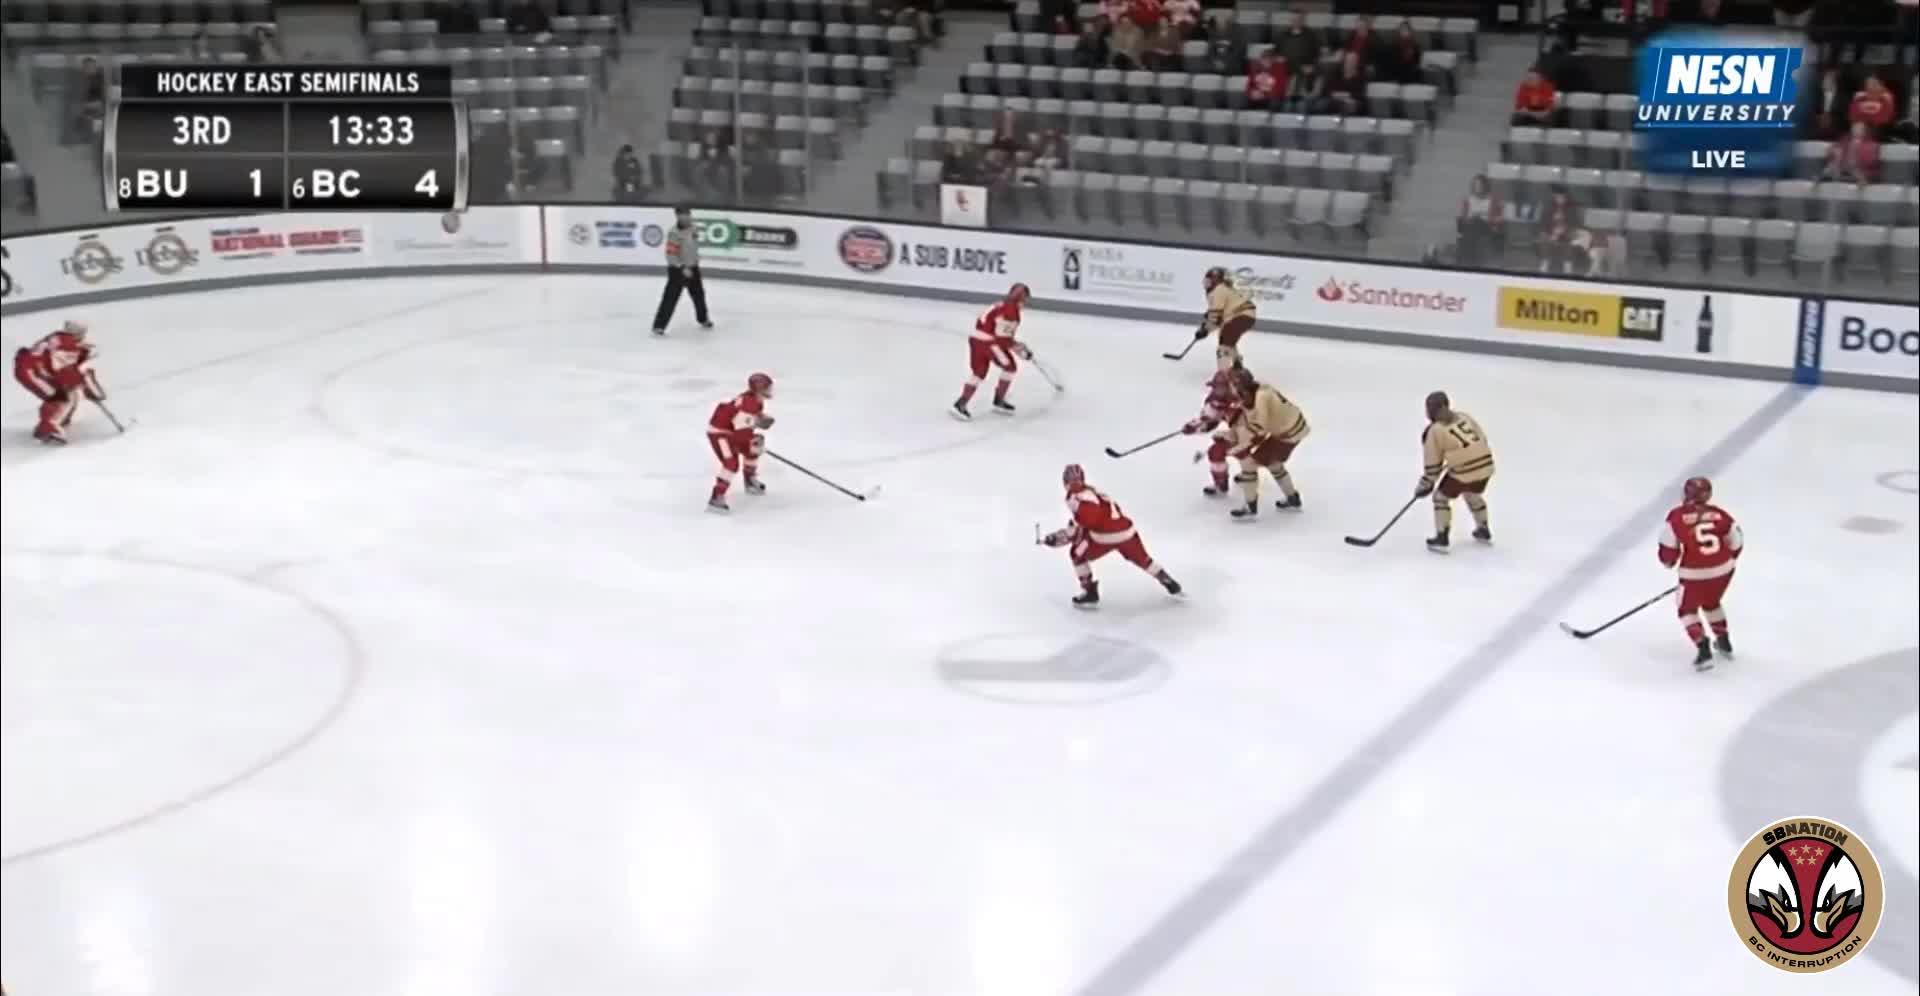 hockey, 6 Connolly (W) BU 3/9/19 GIFs